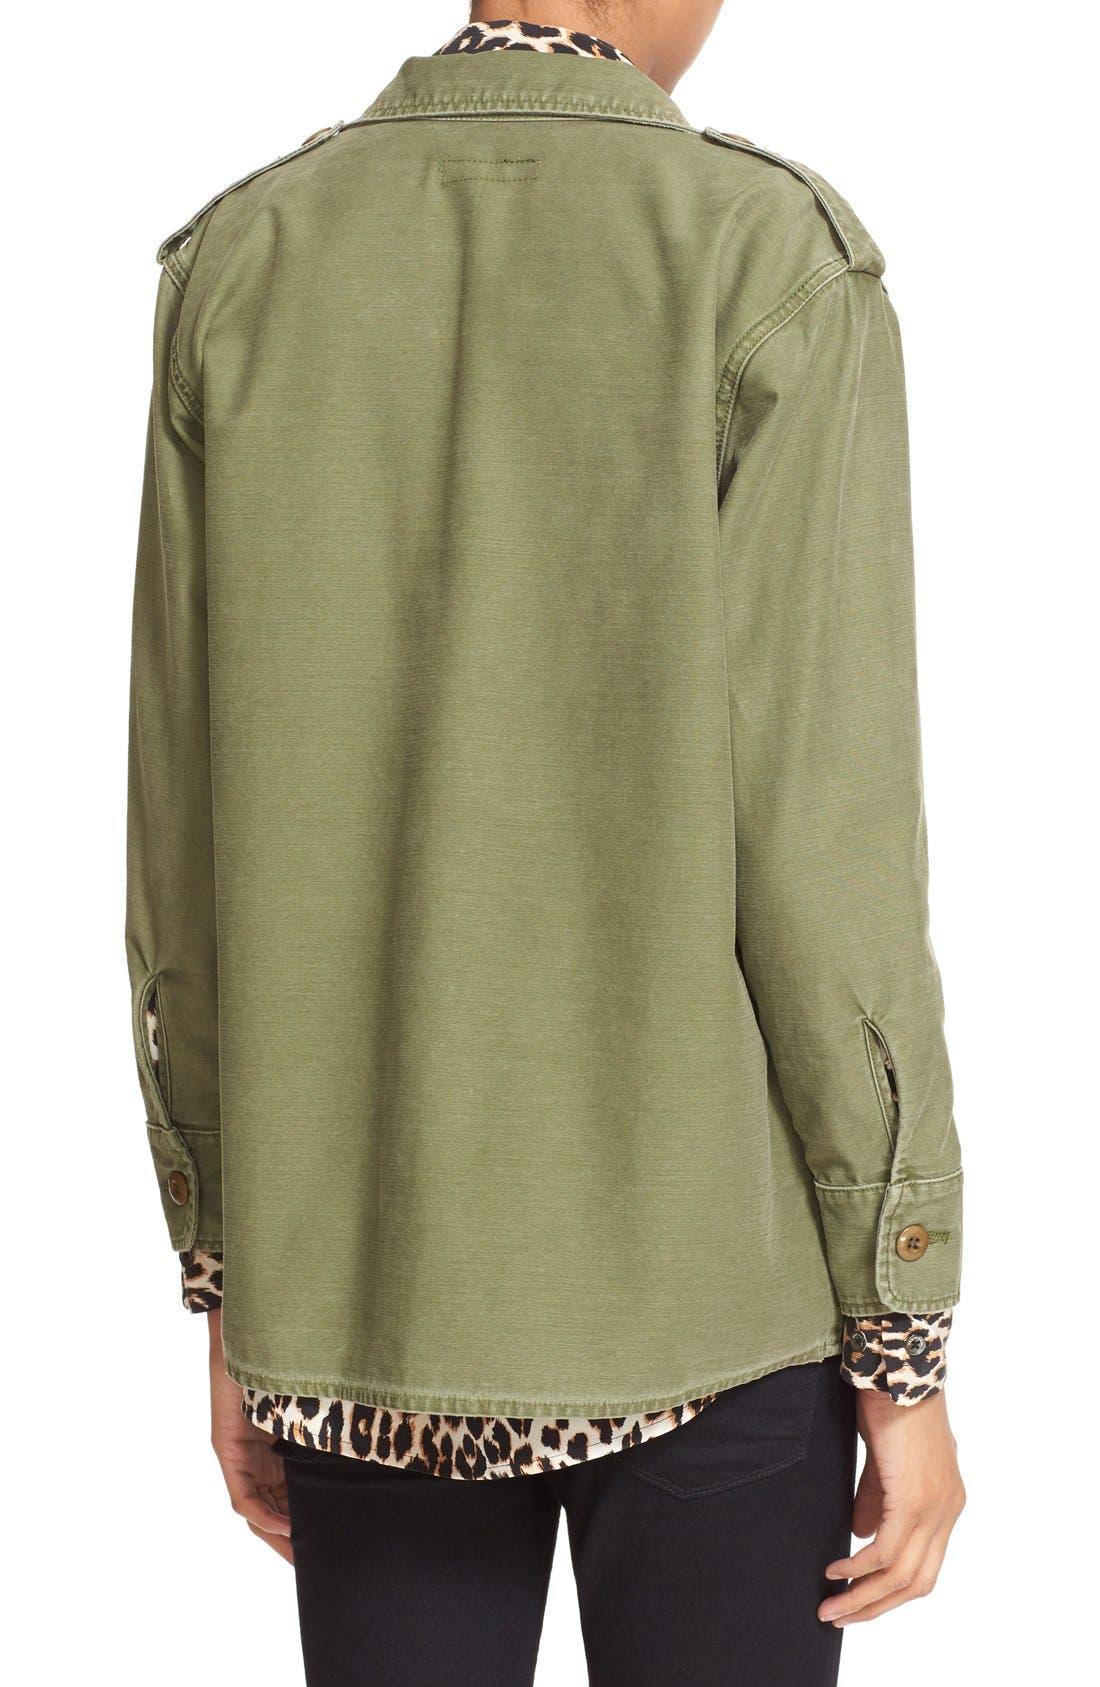 Alternate Image 2  - Kate Moss for Equipment 'Major' Shirt Jacket